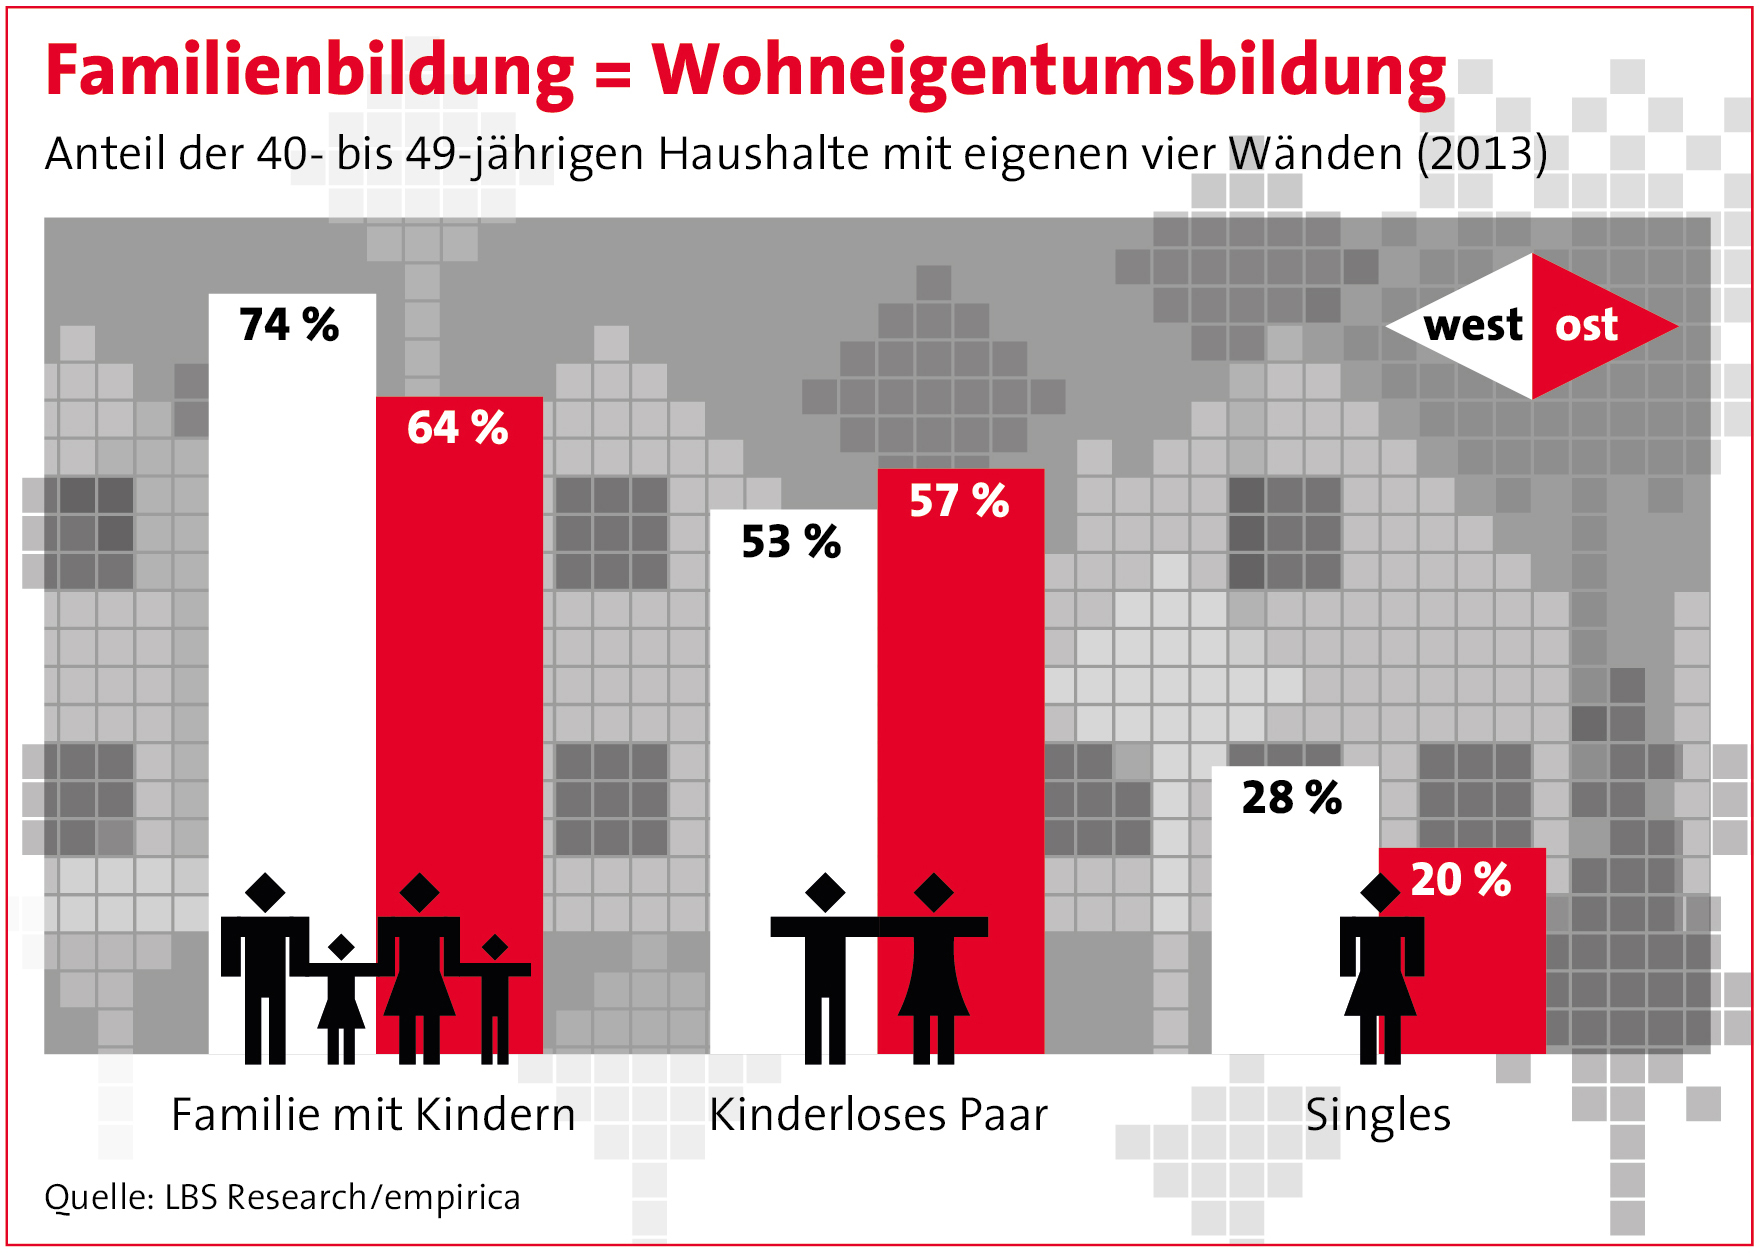 02 0616 Familienbildunggleichwohneigentumsbildung in Familien stabilisieren Wohneigentumsquote